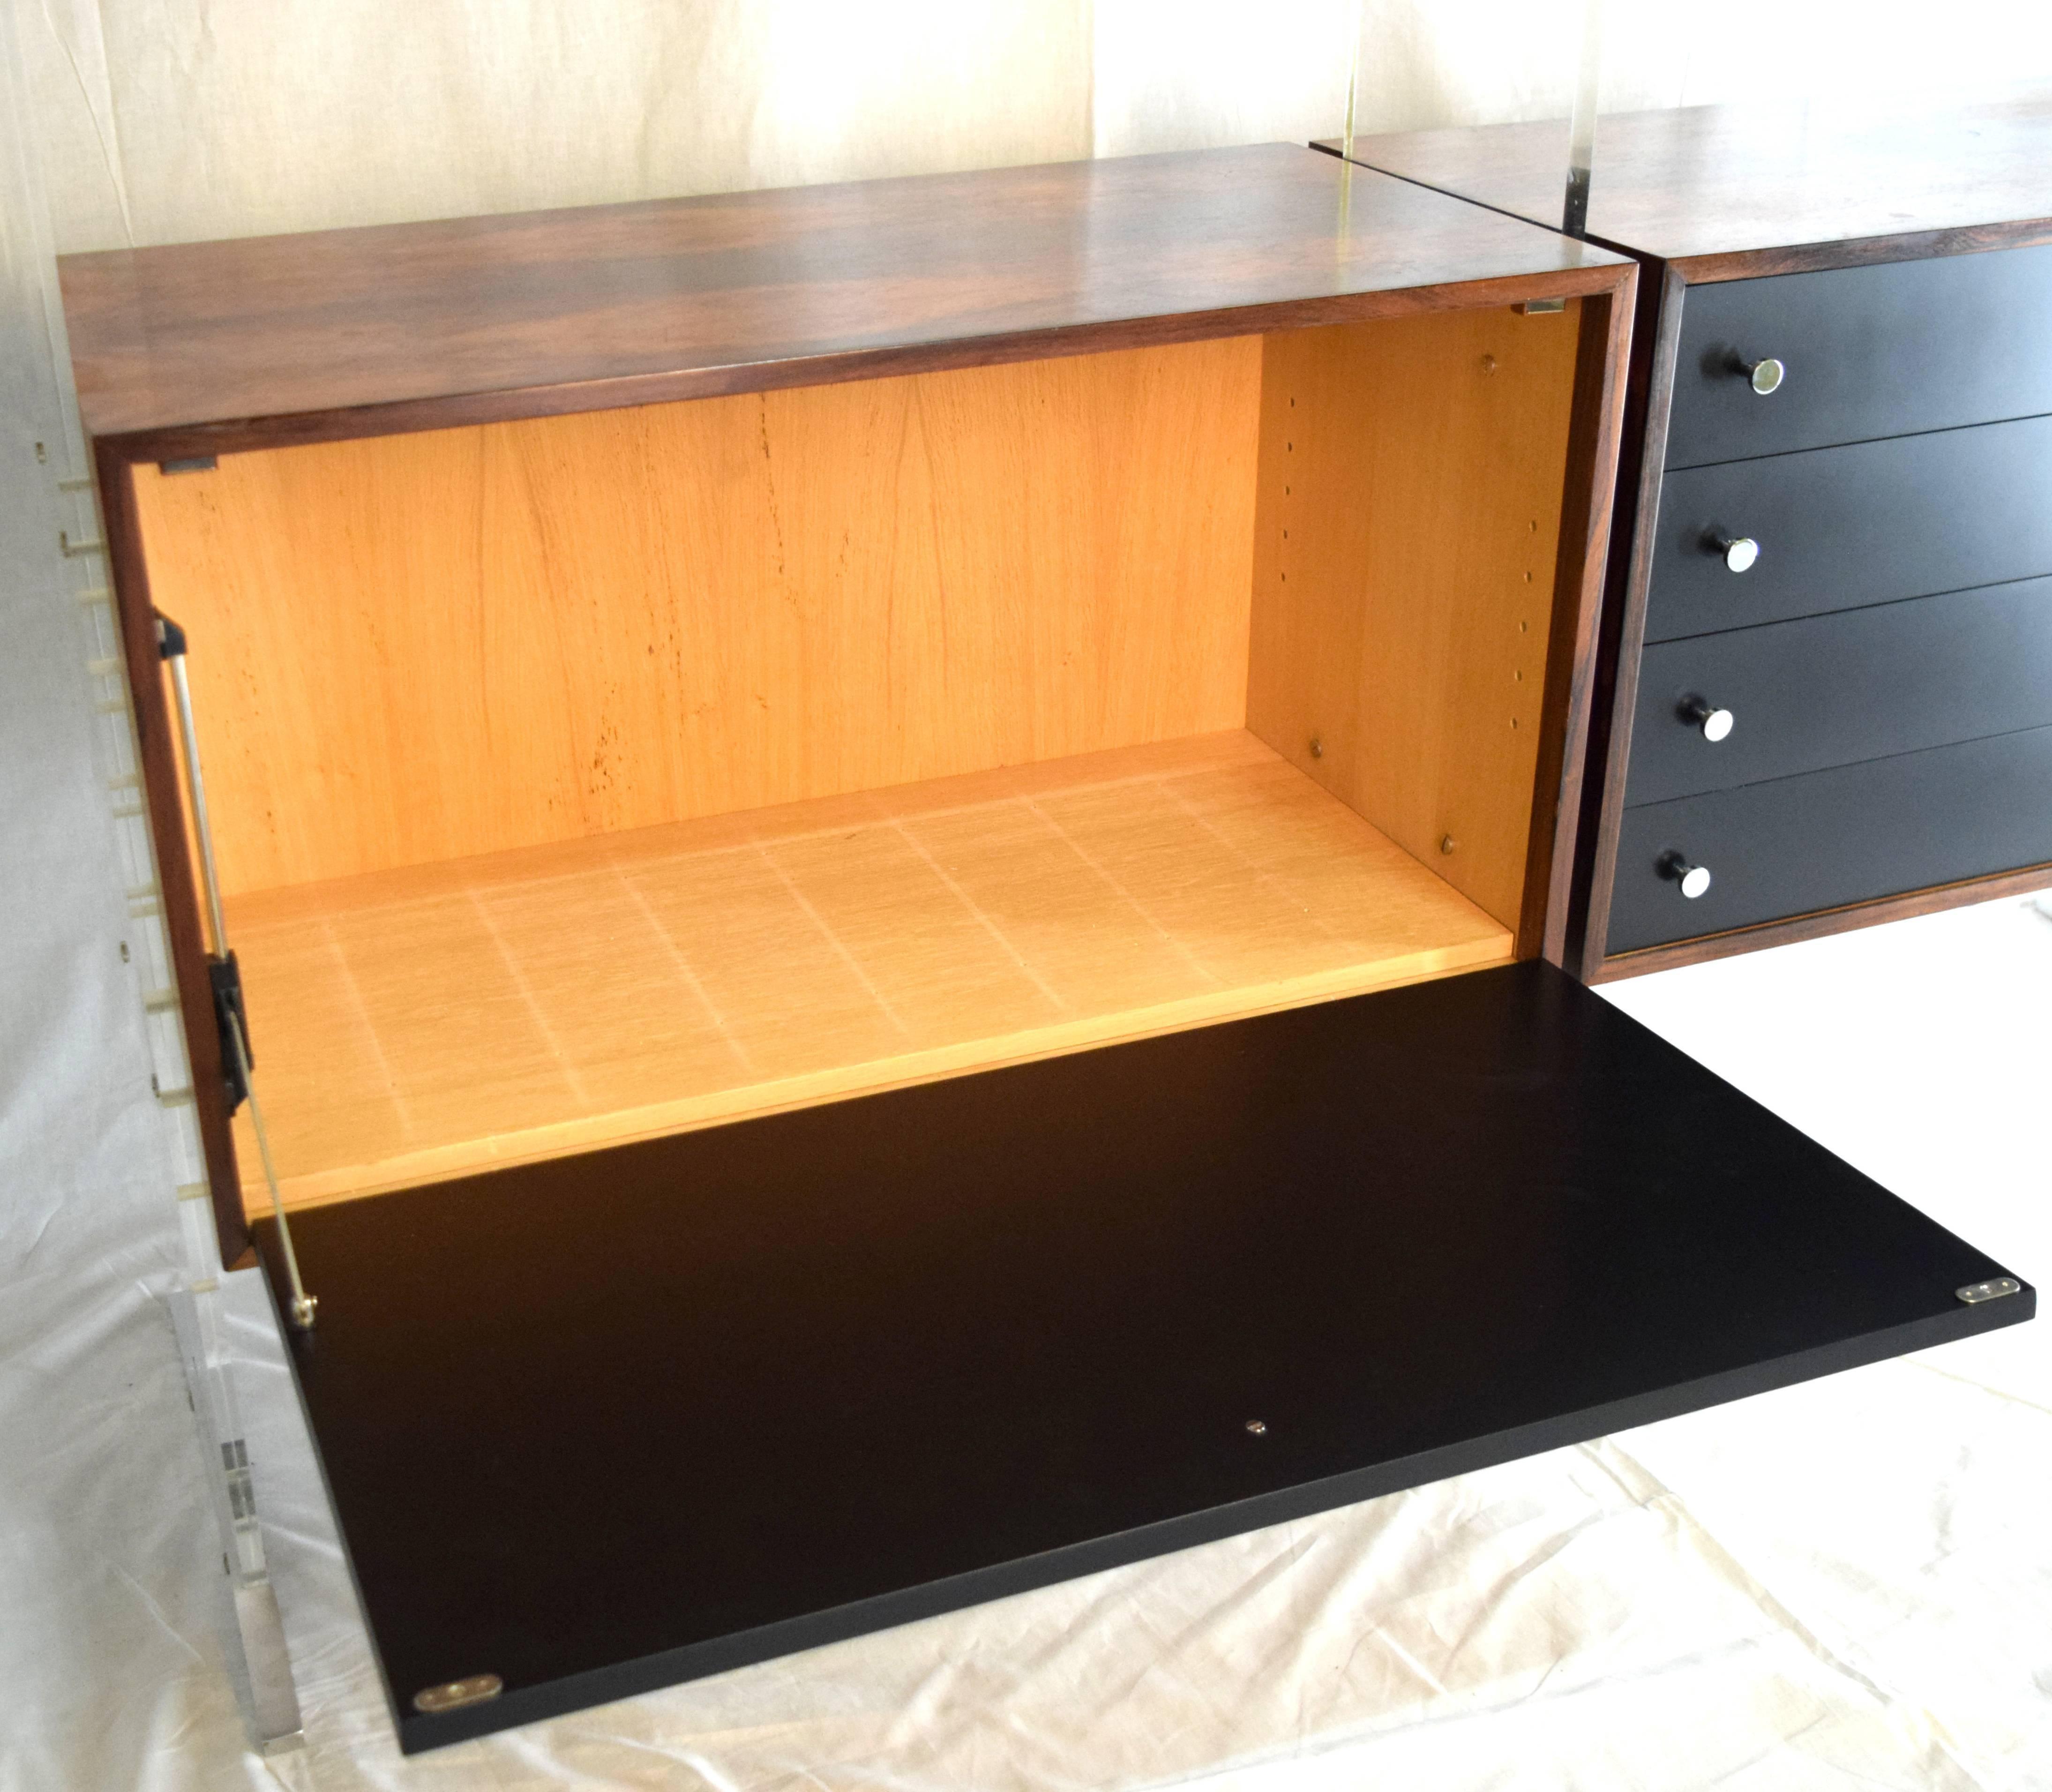 Room Divider And Storage Cabinet System By Poul Nørreklit, Denmark